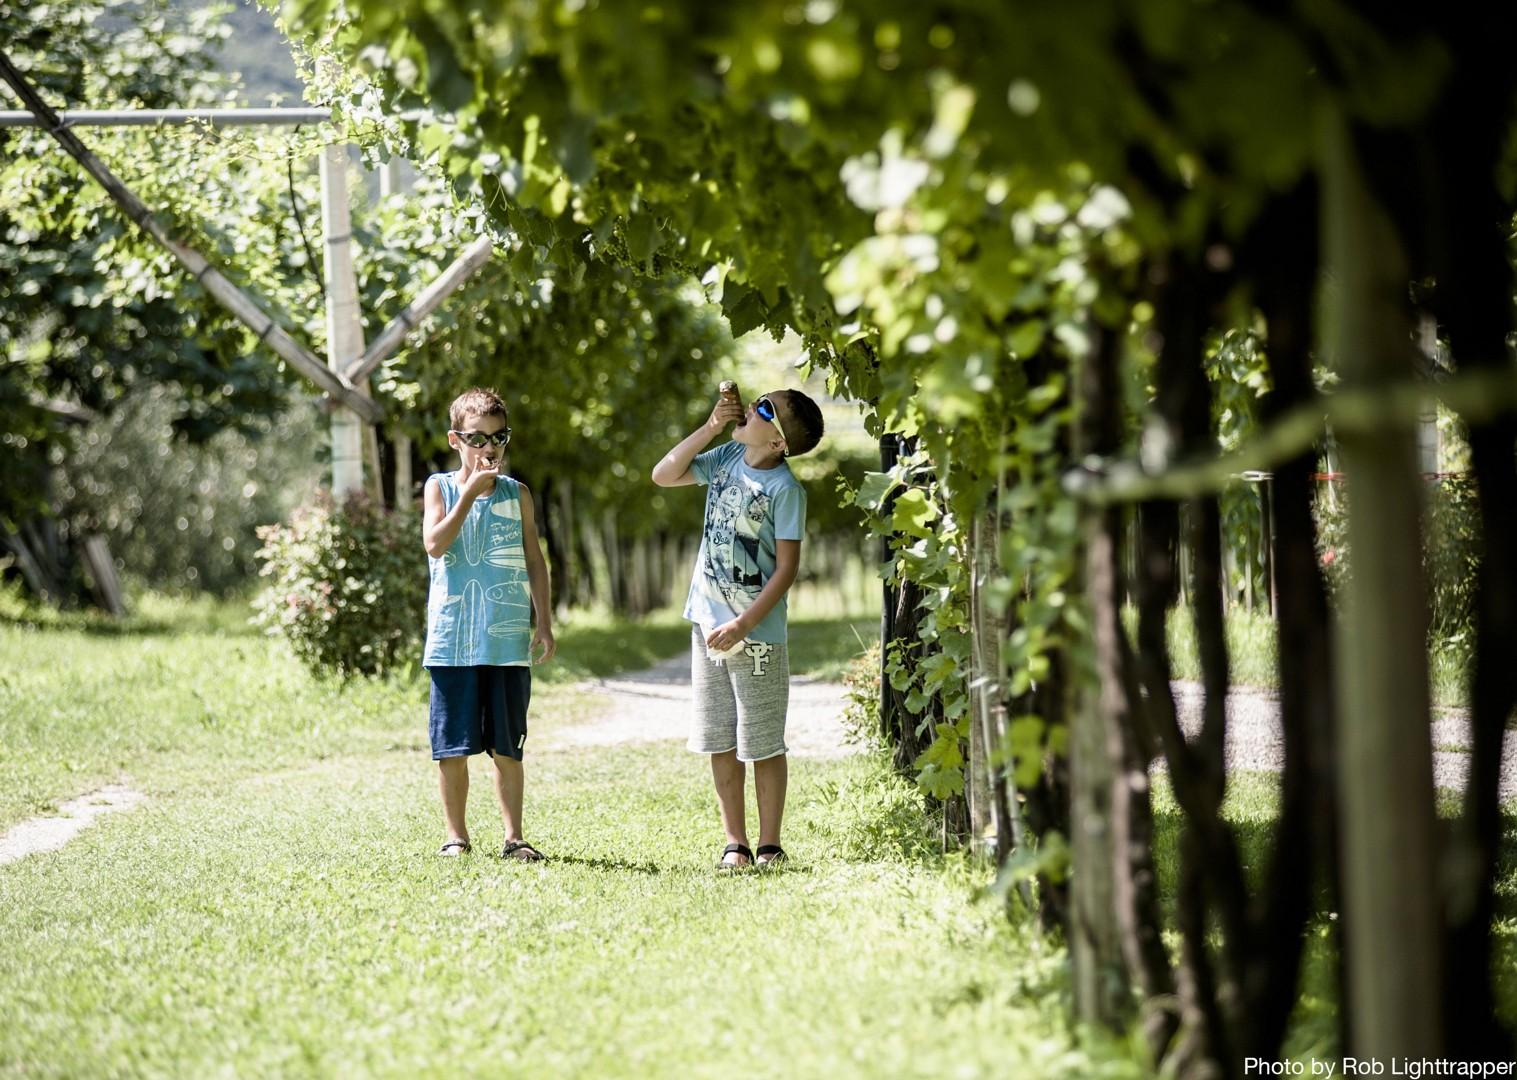 family-cycling-holiday-in-italy-la-via-claudia.jpg - Italy - La Via Claudia - Self-Guided Family Cycling Holiday - Family Cycling